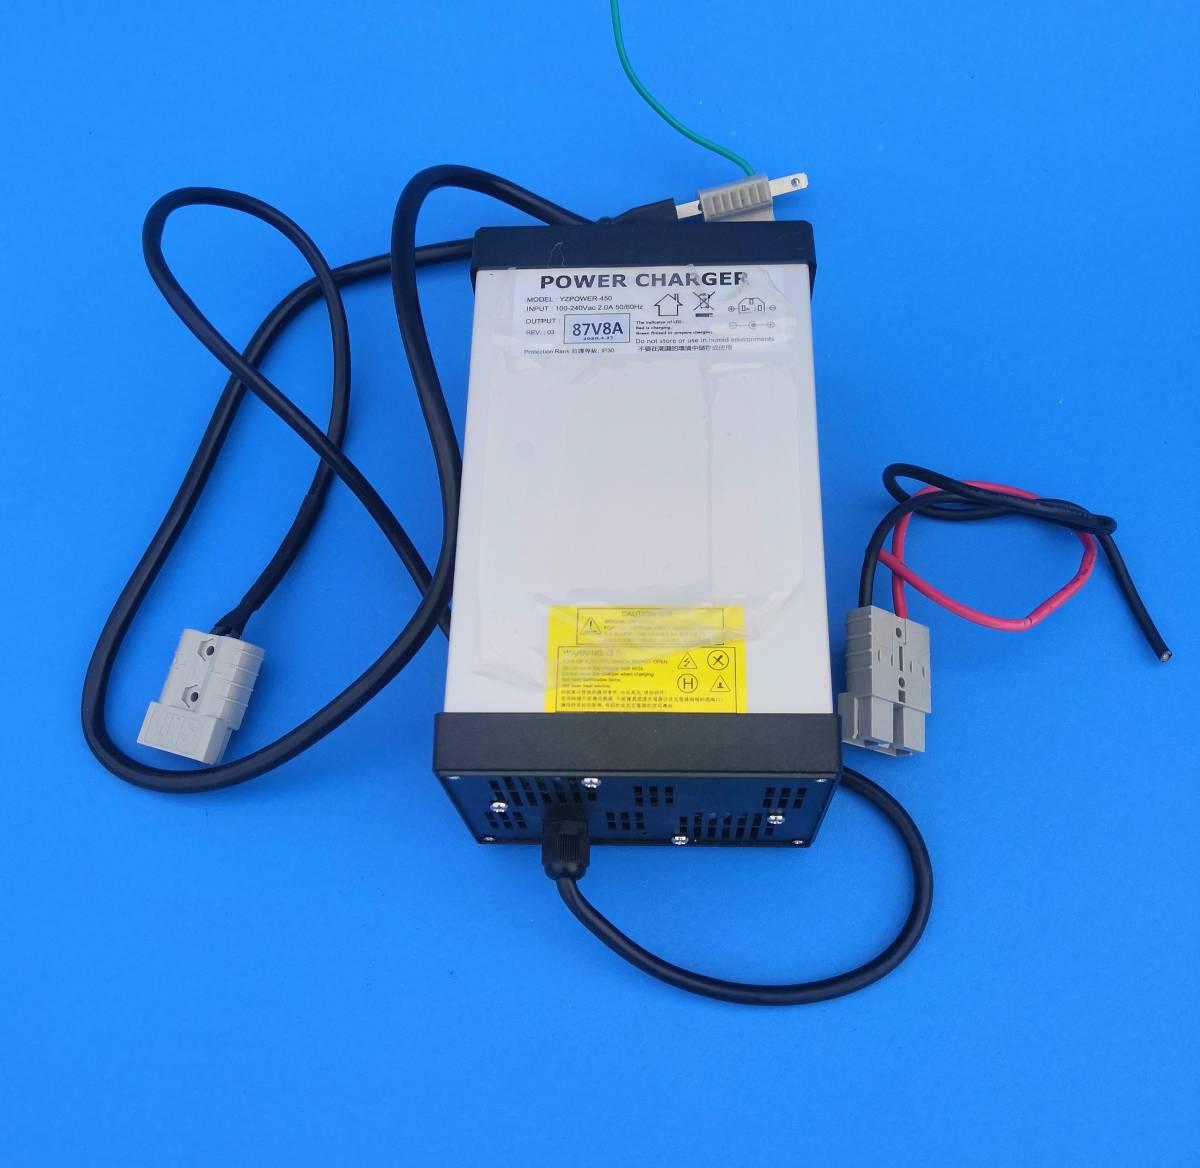 鉛バッテリー6本直列充電器コムスのバッテリー充電に充電器故障したコムスへの充電に使えます_画像1